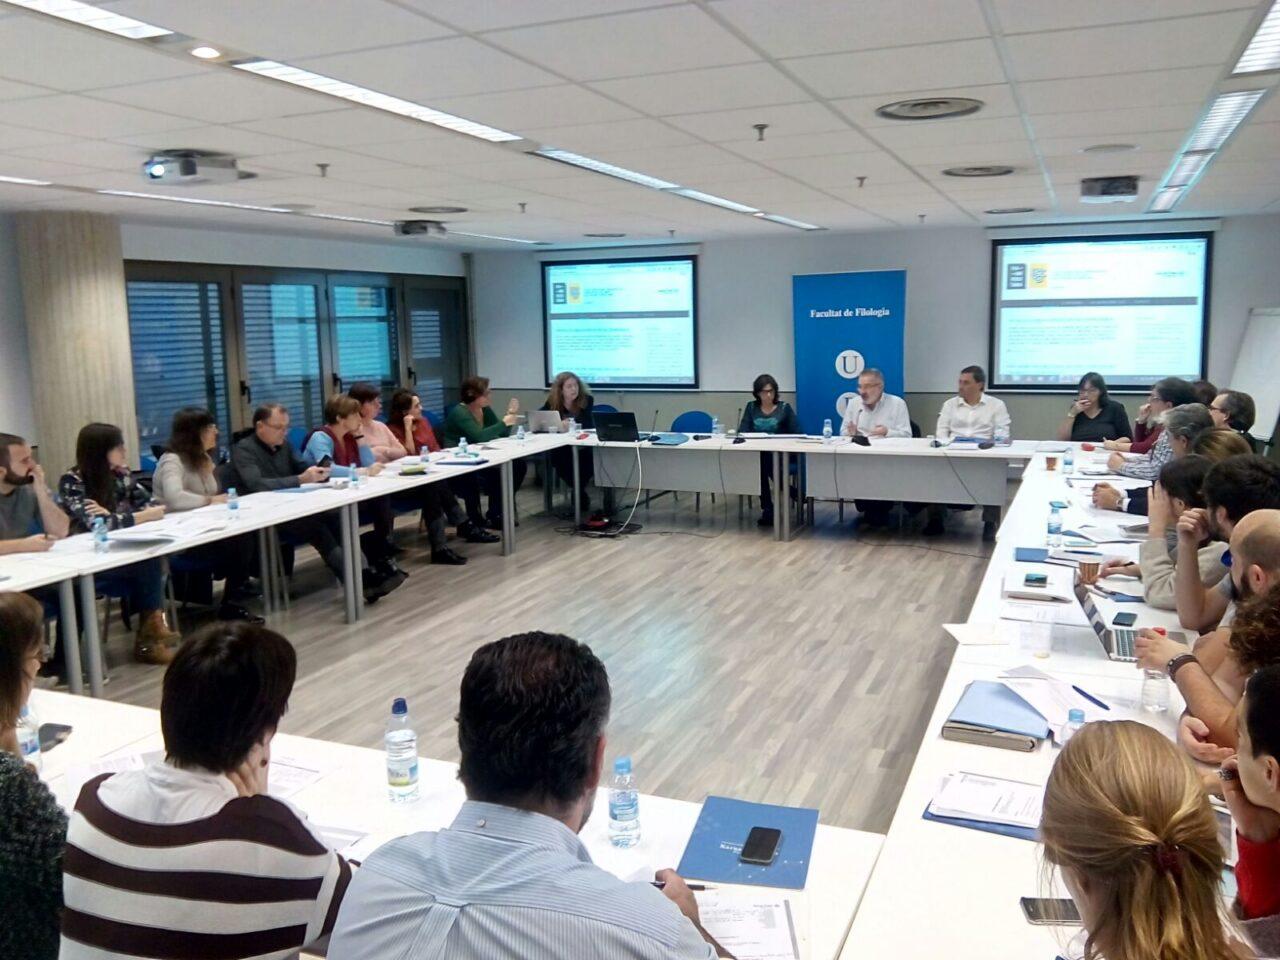 Via Universitària reunió del 24 de novembr a la Universitat de Barcelona